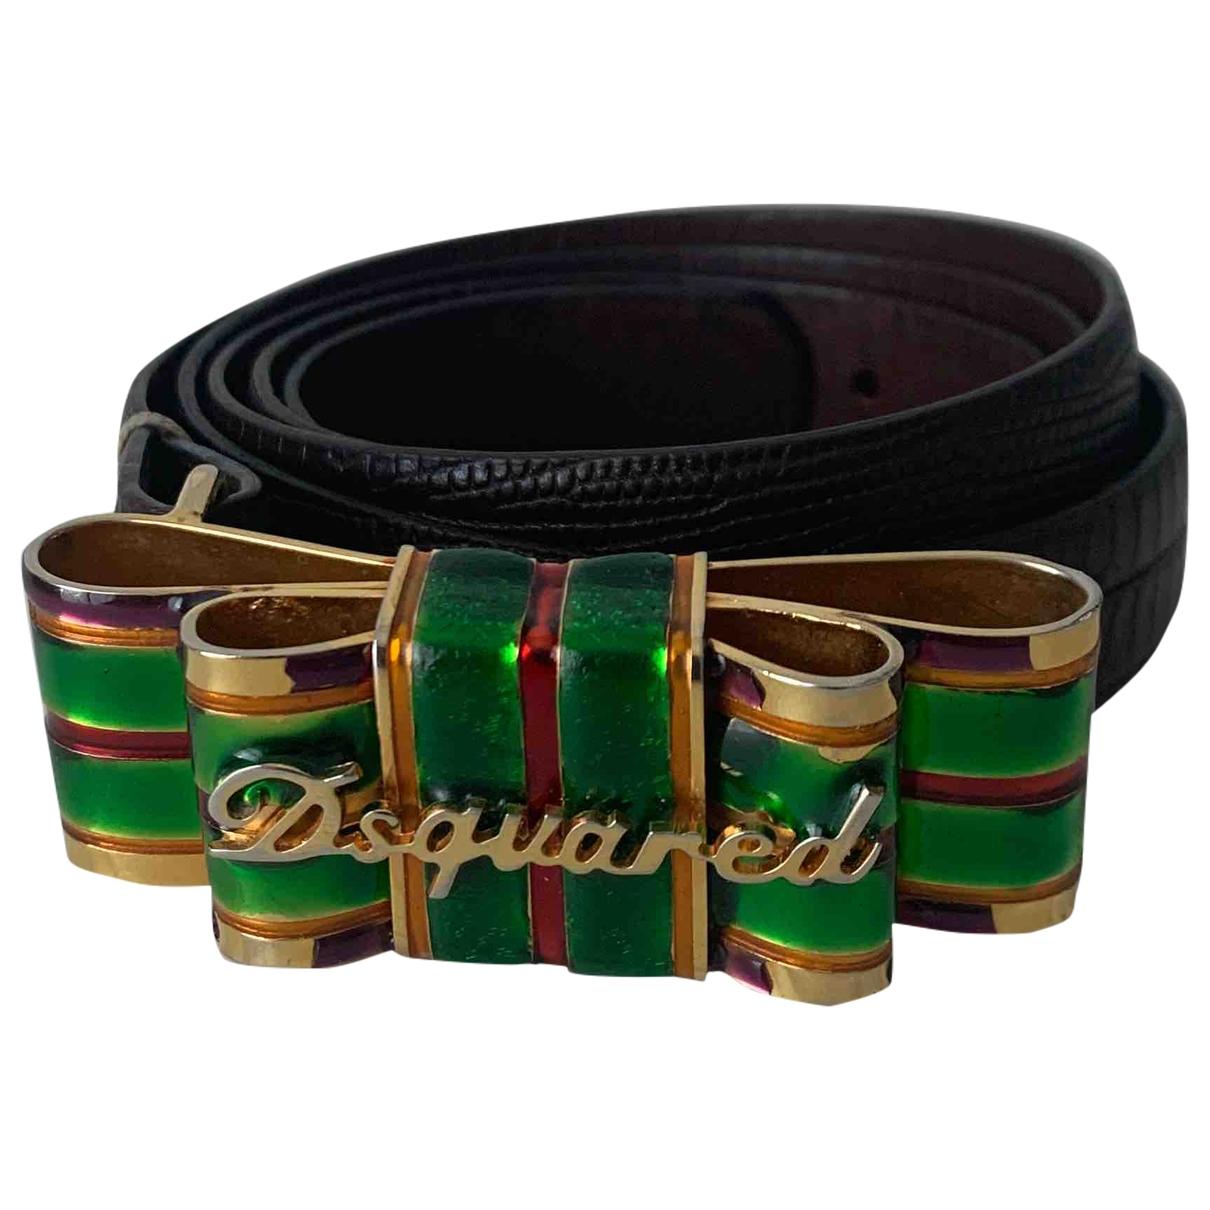 Cinturon Dsquared2